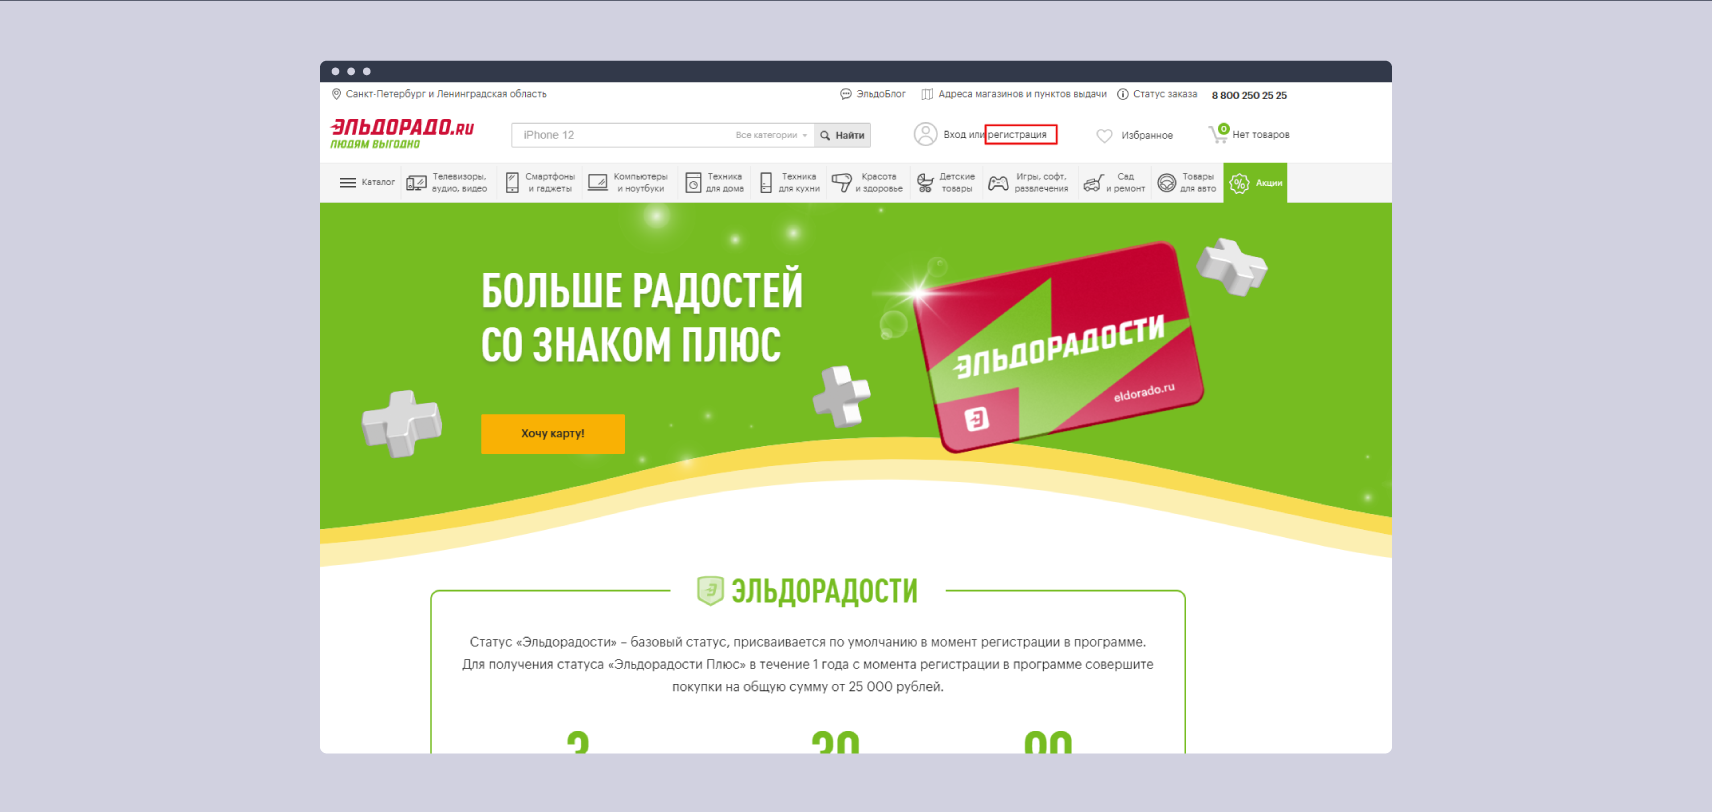 Главная страница www.eldorado.ru